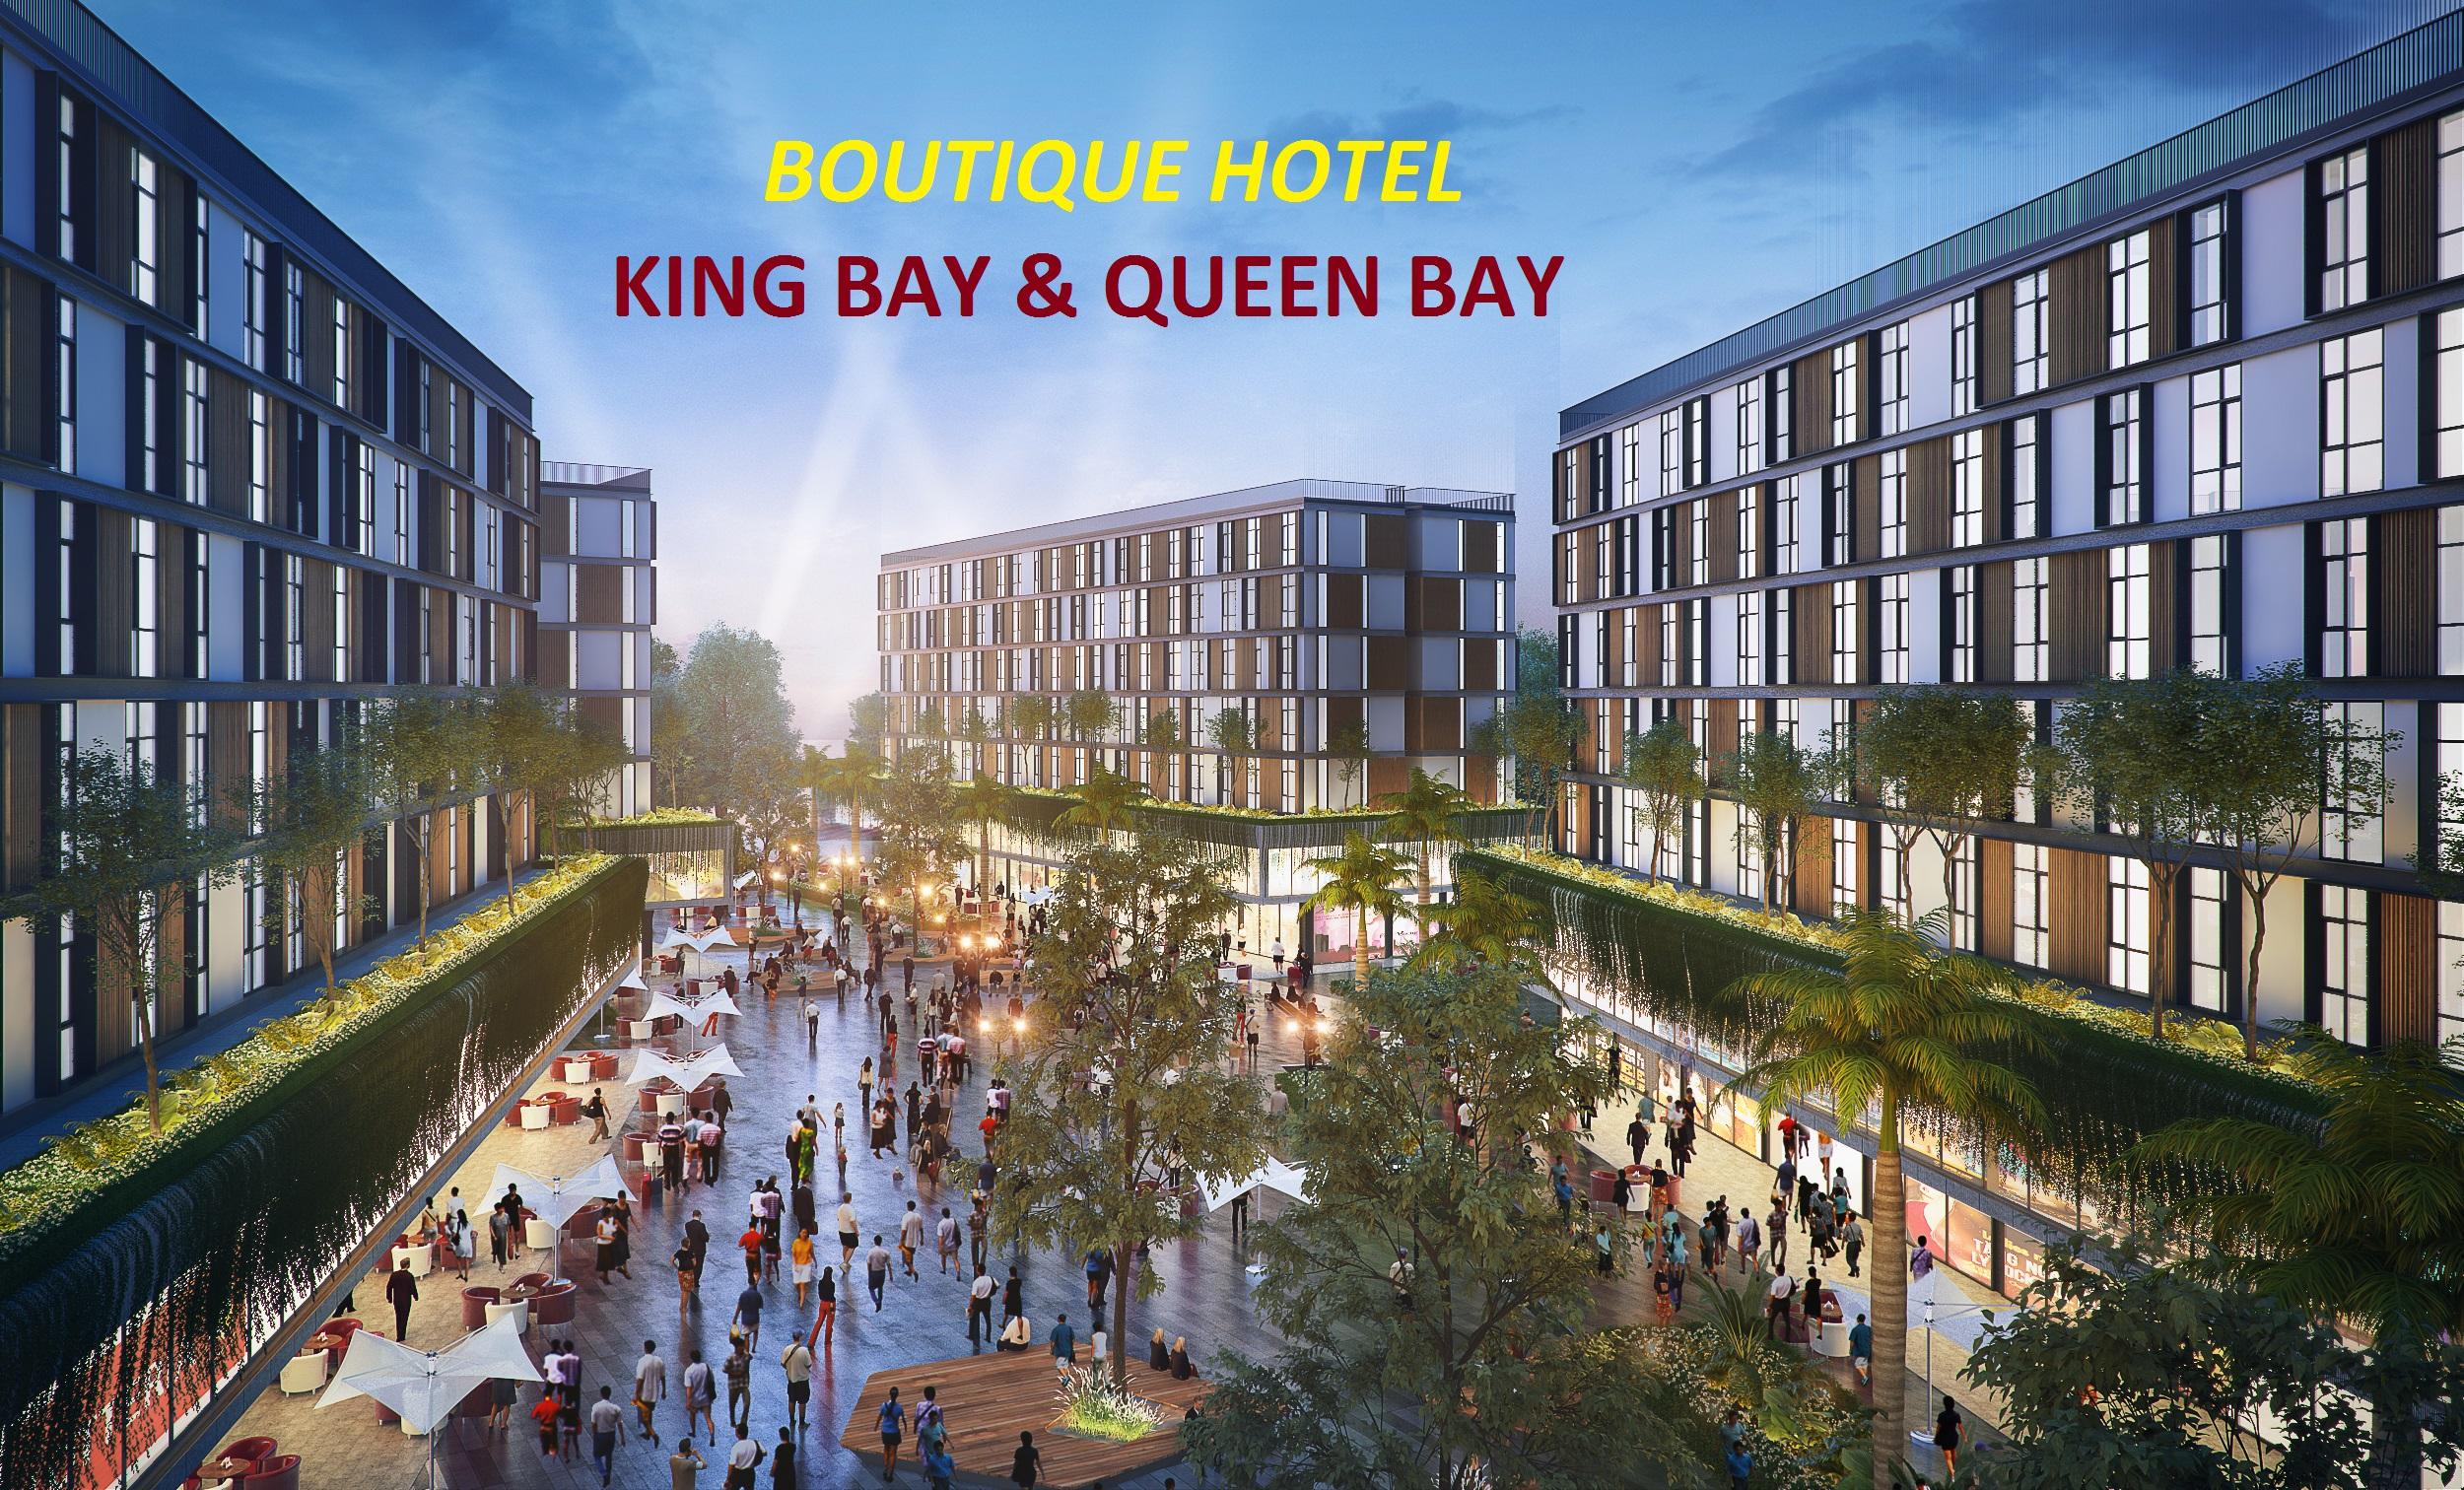 Cocobay đà nẵng Boutique Hotel hai Tòa Kinh Bay và Queen Bay